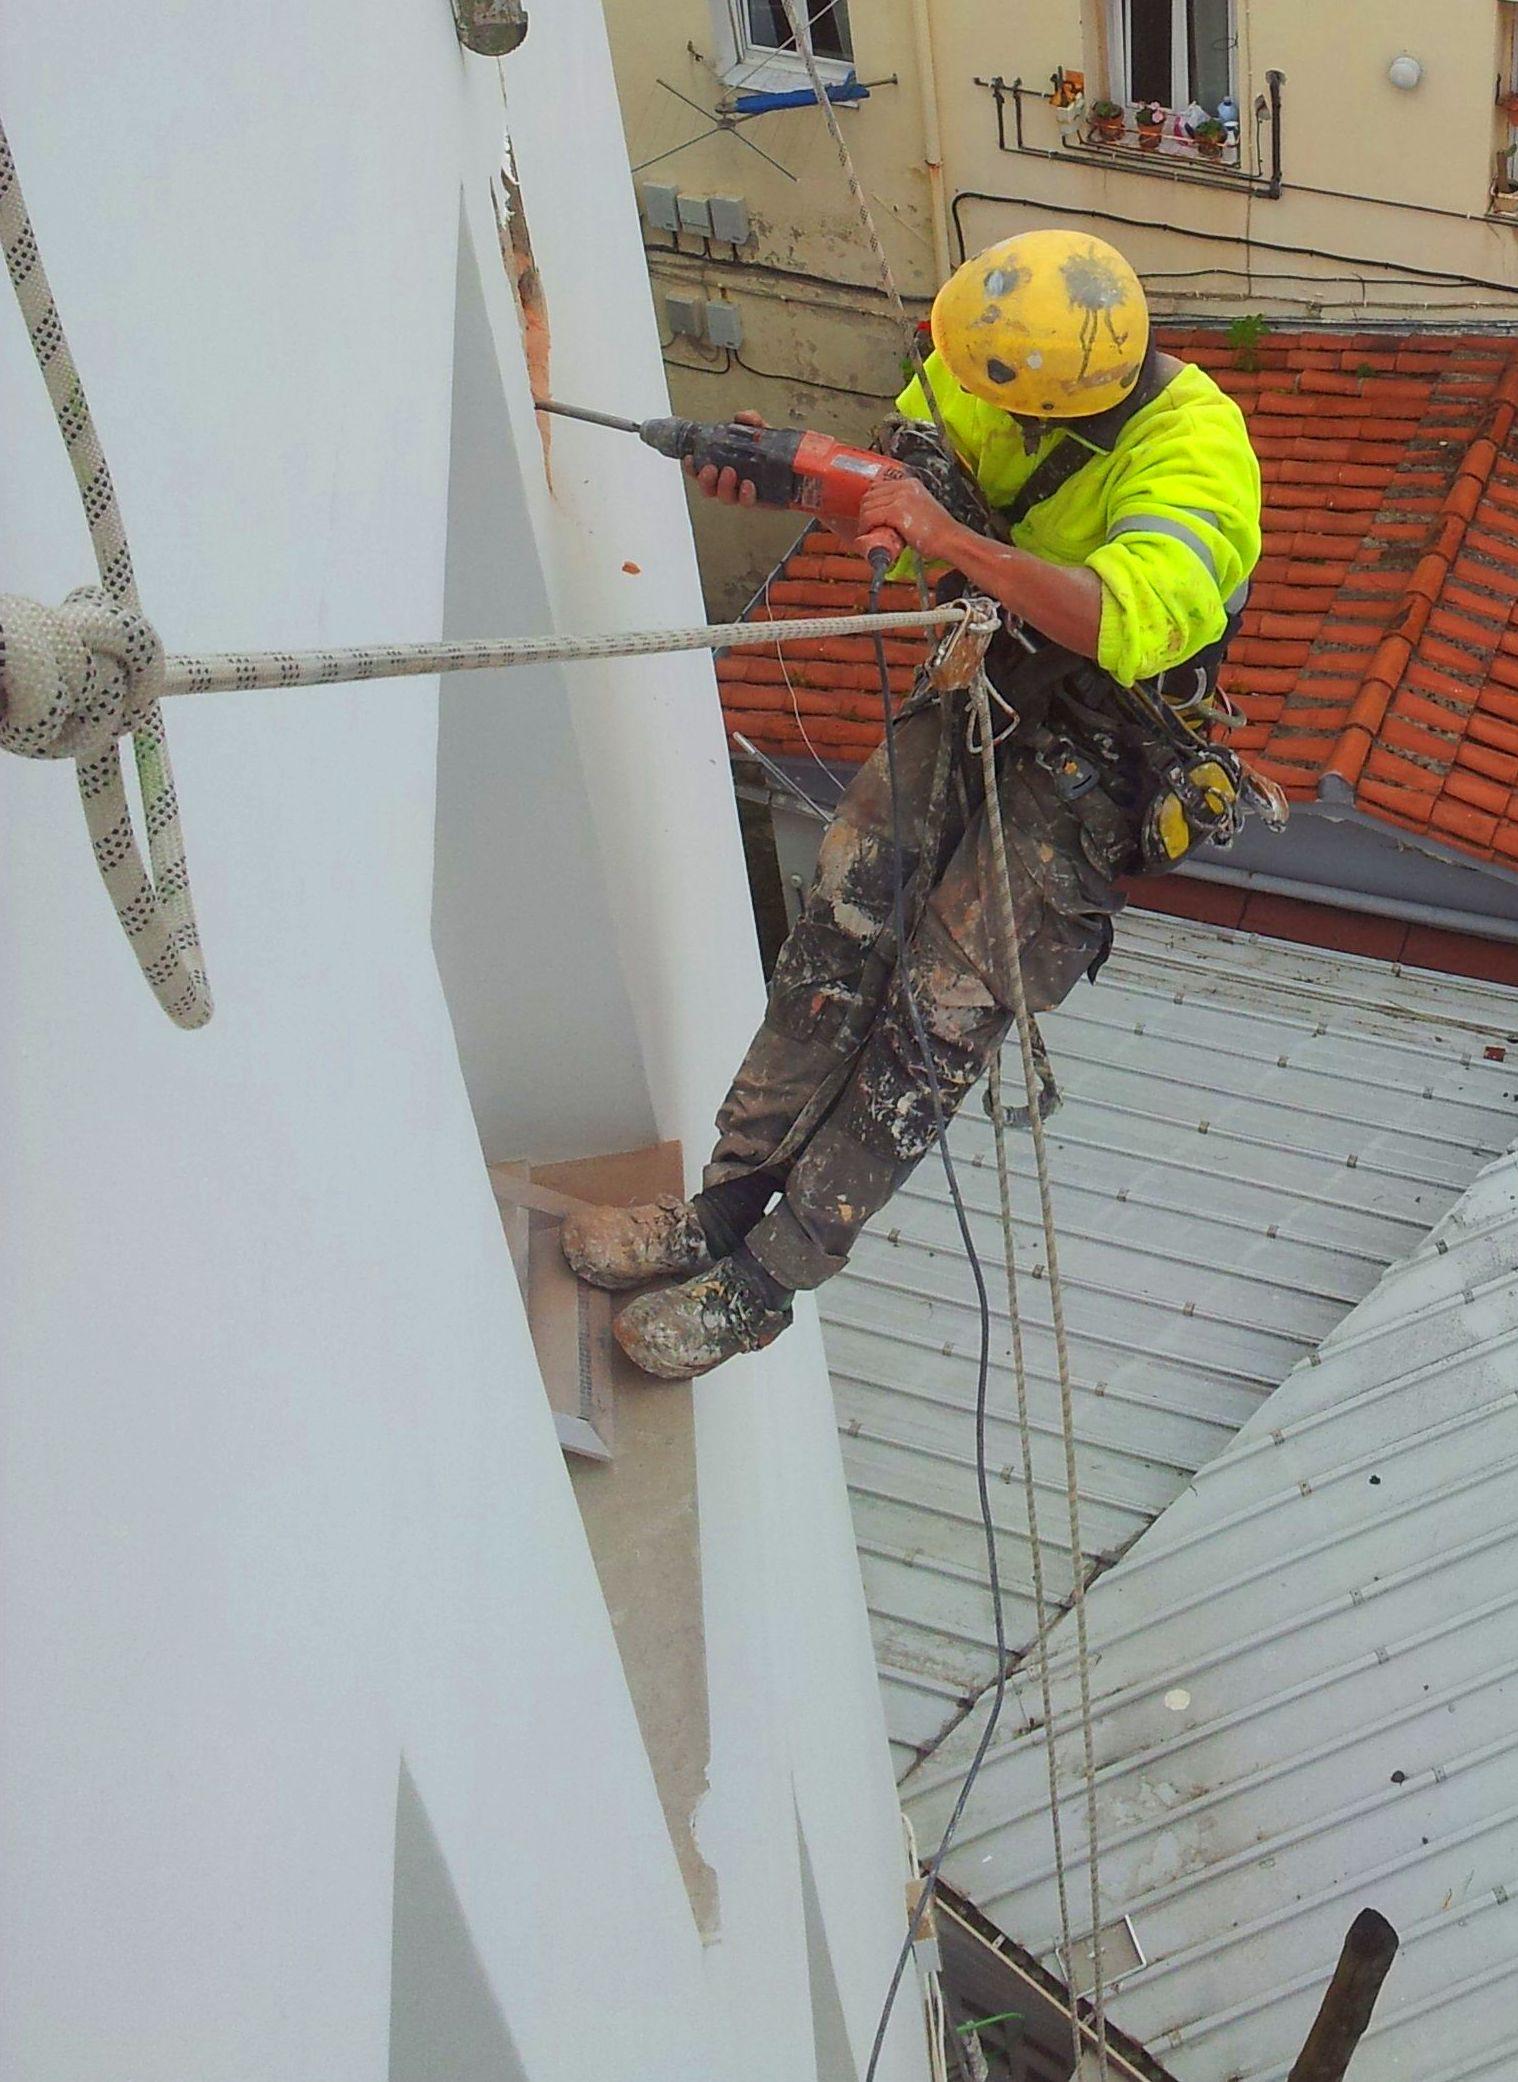 Trabajos de albañilería con sistema de trabajos verticales en Santander-Torrelavega.